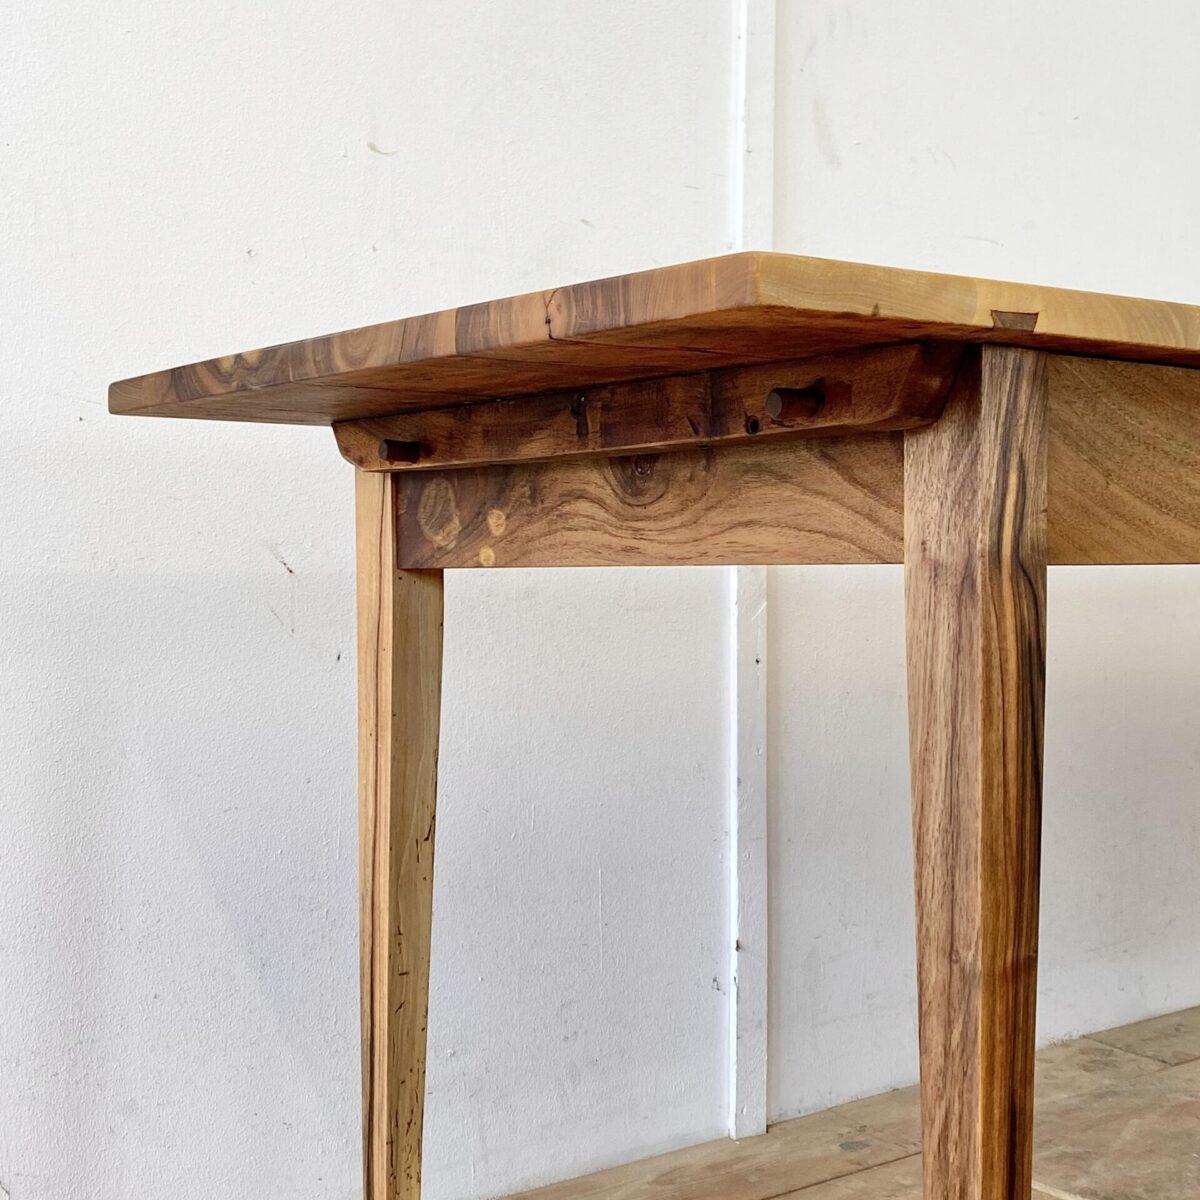 Schmaler Nussbaumtisch 210x64cm Höhe 76cm. Dieses antike Tischblatt, mit lebhafter Holzmaserung, kam ohne Unterbau zu uns. Mit passendem alten Nussbaumholz haben wir den Unterbau dazu geschreinert. Das elegante schmal-längliche Format der Tischplatte, wollten wir mit dem feingliedrigen geradlinigen Unterbau Unterstreichen. Das Tischblatt ist mittels Holzzapfen mit dem Unterbau verbunden. Die Holzoberflächen sind mit Naturöl behandelt.